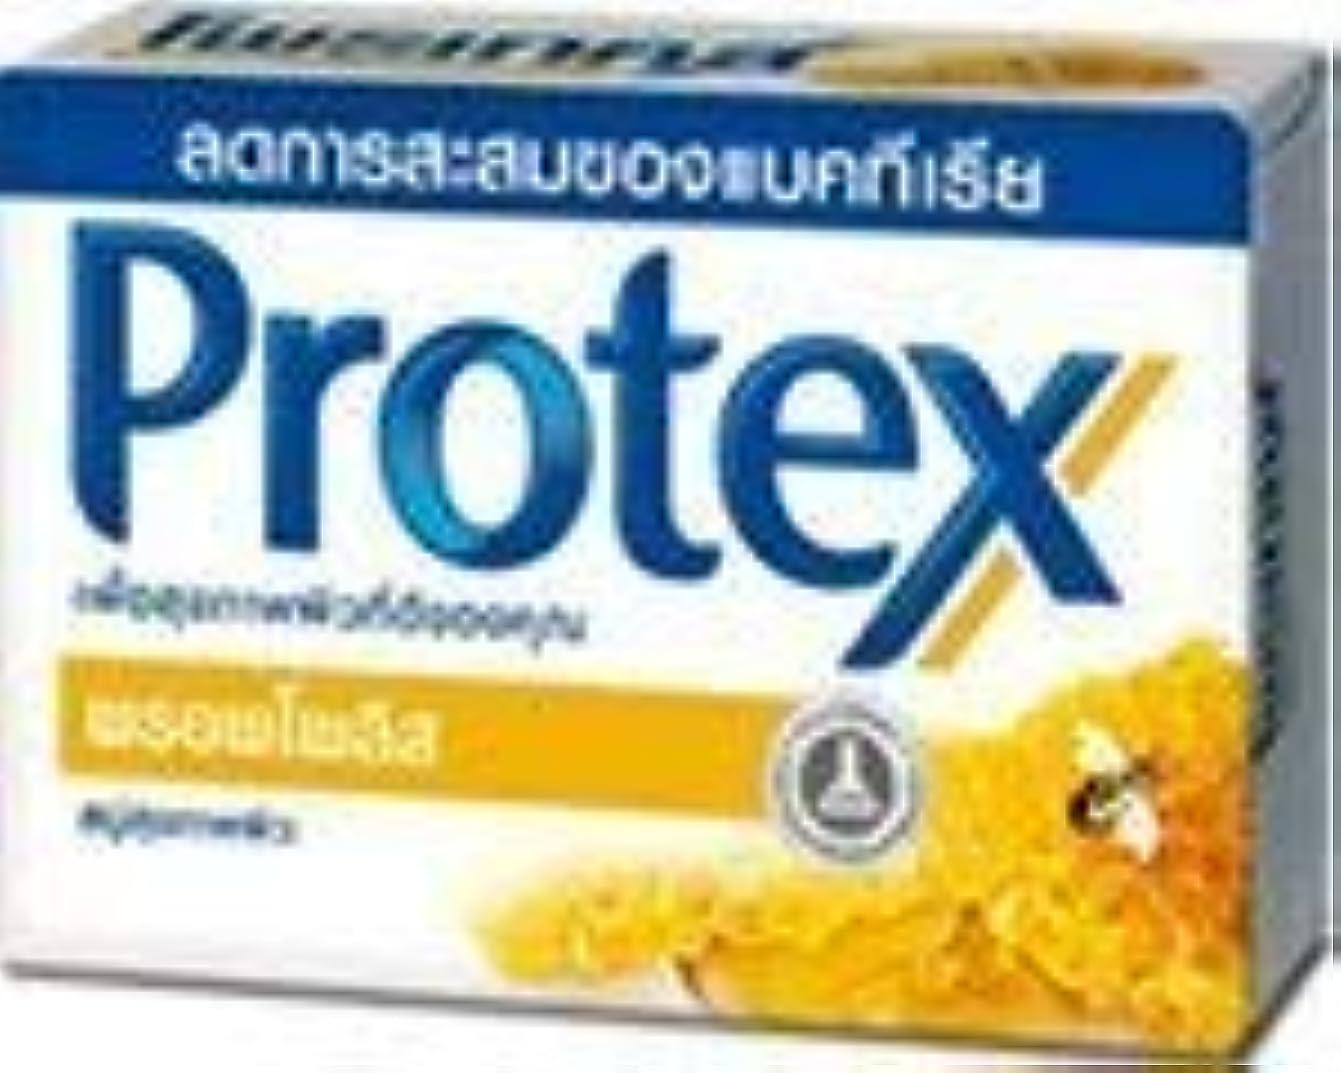 マカダム多くの危険がある状況教育するProtex, Bar Soap, Propolis, 75 g x 4 by Ni Yom Thai shop